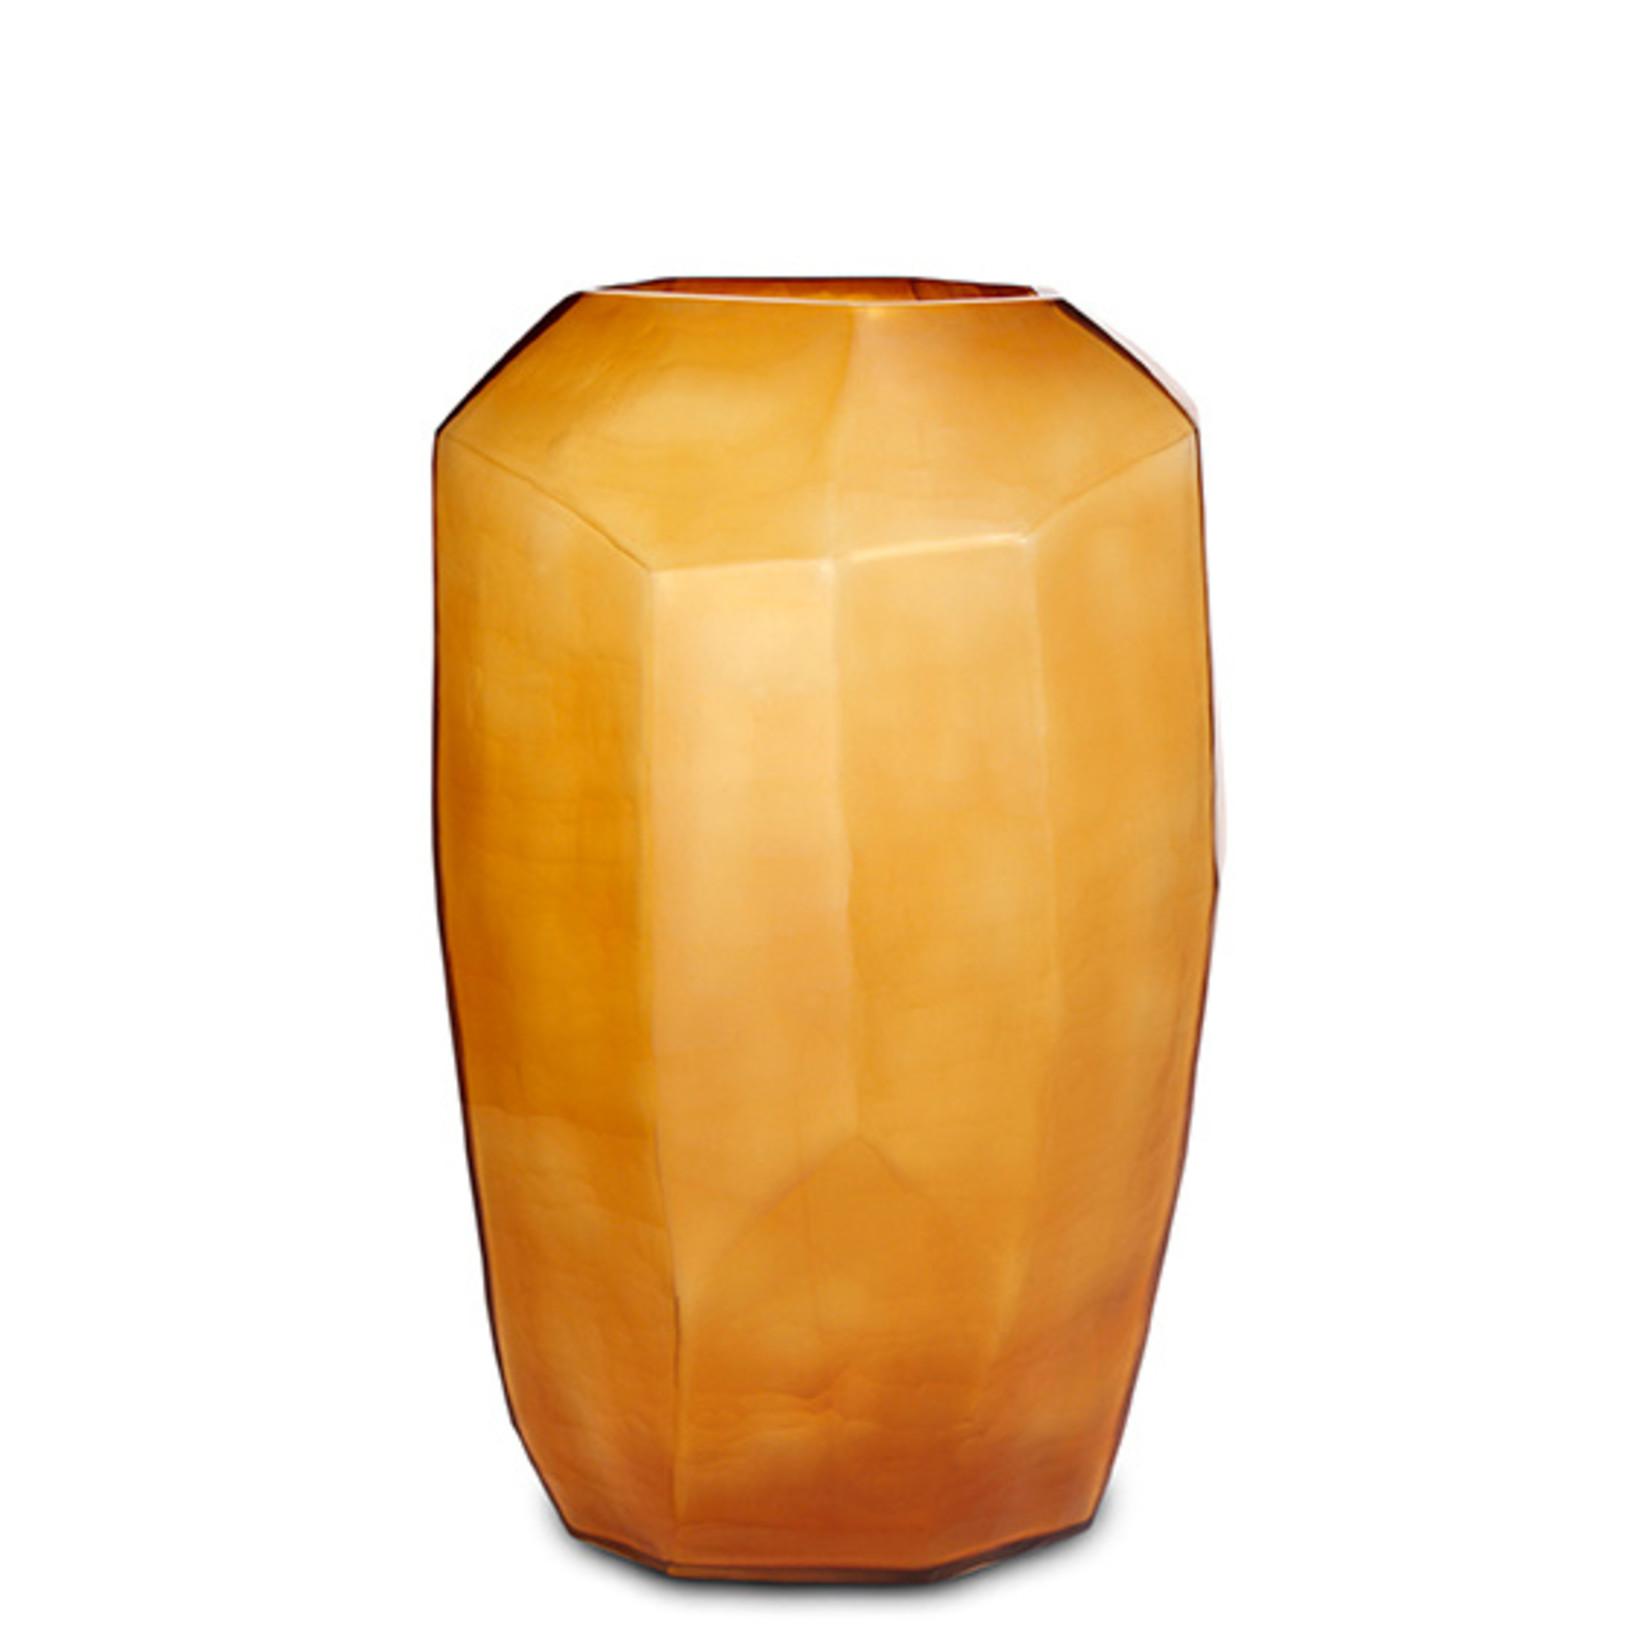 Guaxs Vaas Cubistic Tall   Clear / Gold